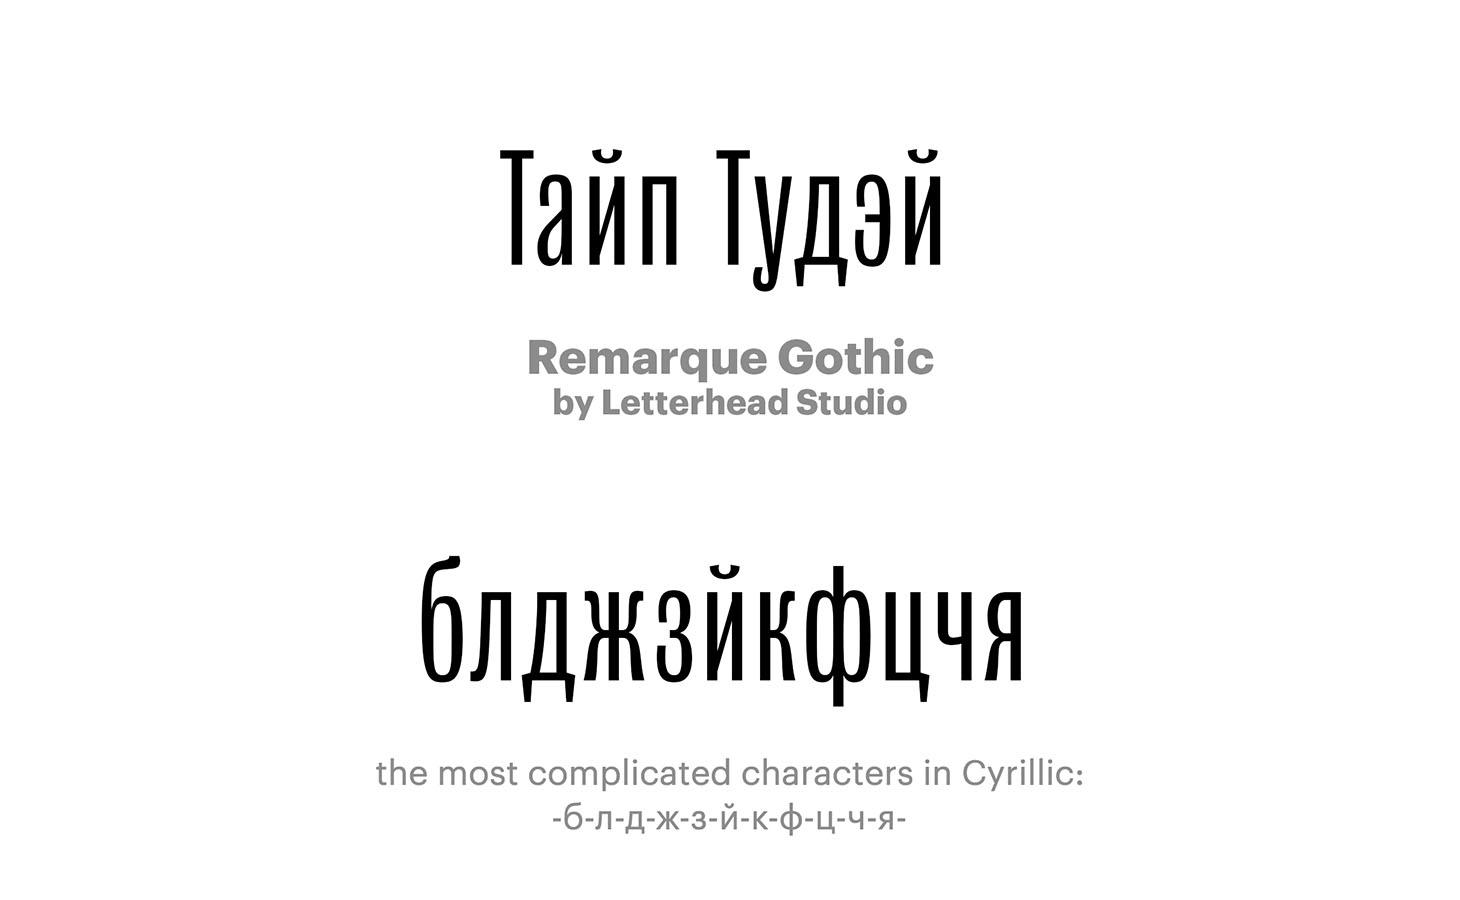 Remarque-Gothic